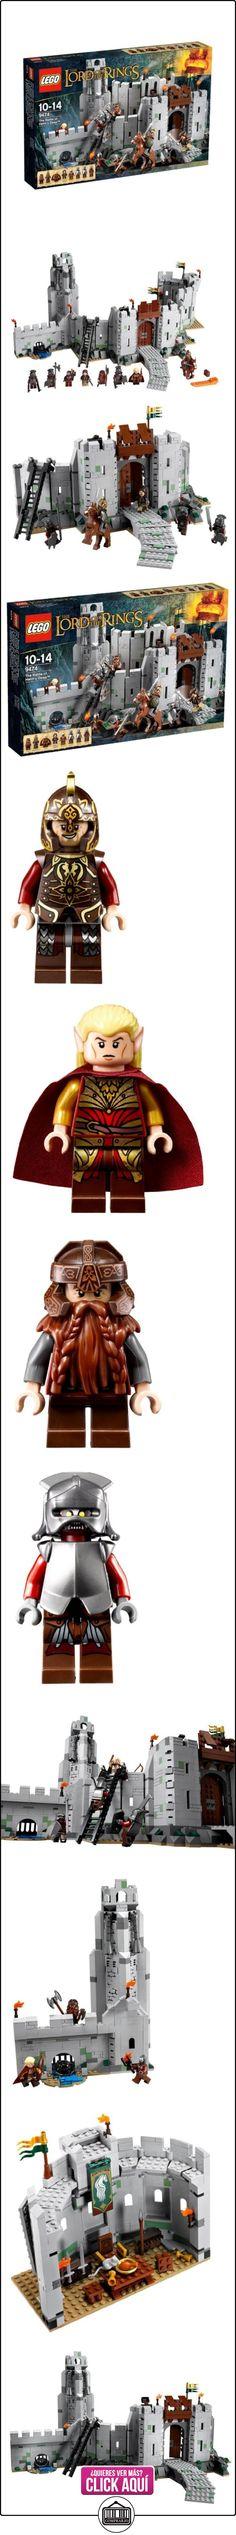 LEGO El Señor de los Anillos - La batalla del abismo de Helm (9474)  ✿ Lego - el surtido más amplio ✿ ▬► Ver oferta: https://comprar.io/goto/B007456EYU